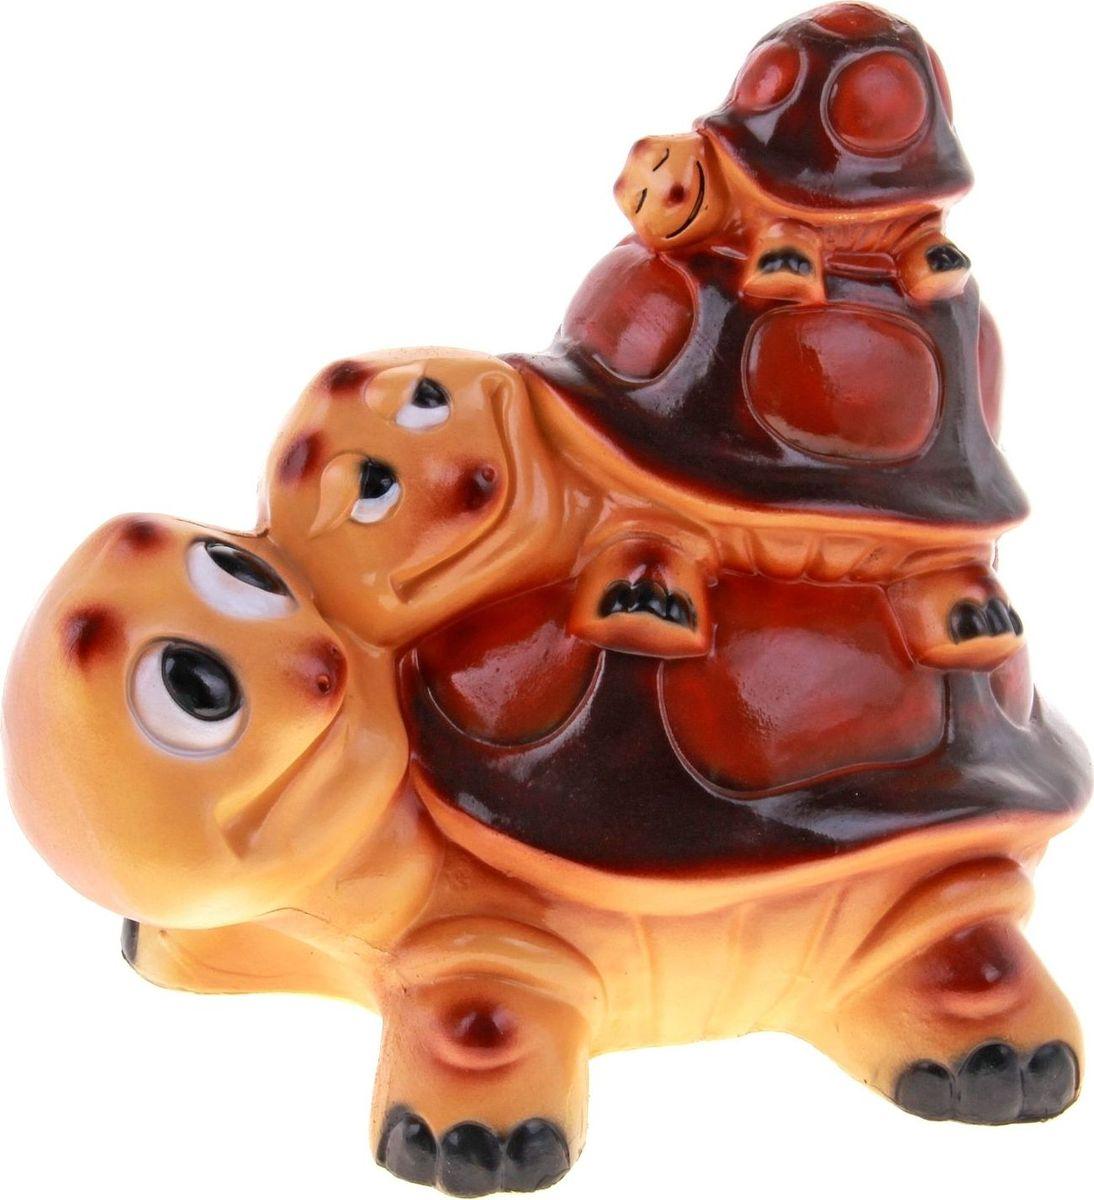 Фигура садовая Семейство черепах, 25 х 24 х 31 см196934Летом практически каждая семья стремится проводить больше времени за городом. Прекрасный выбор для комфортного отдыха и эффективного труда на даче, который будет радовать вас достойным качеством.